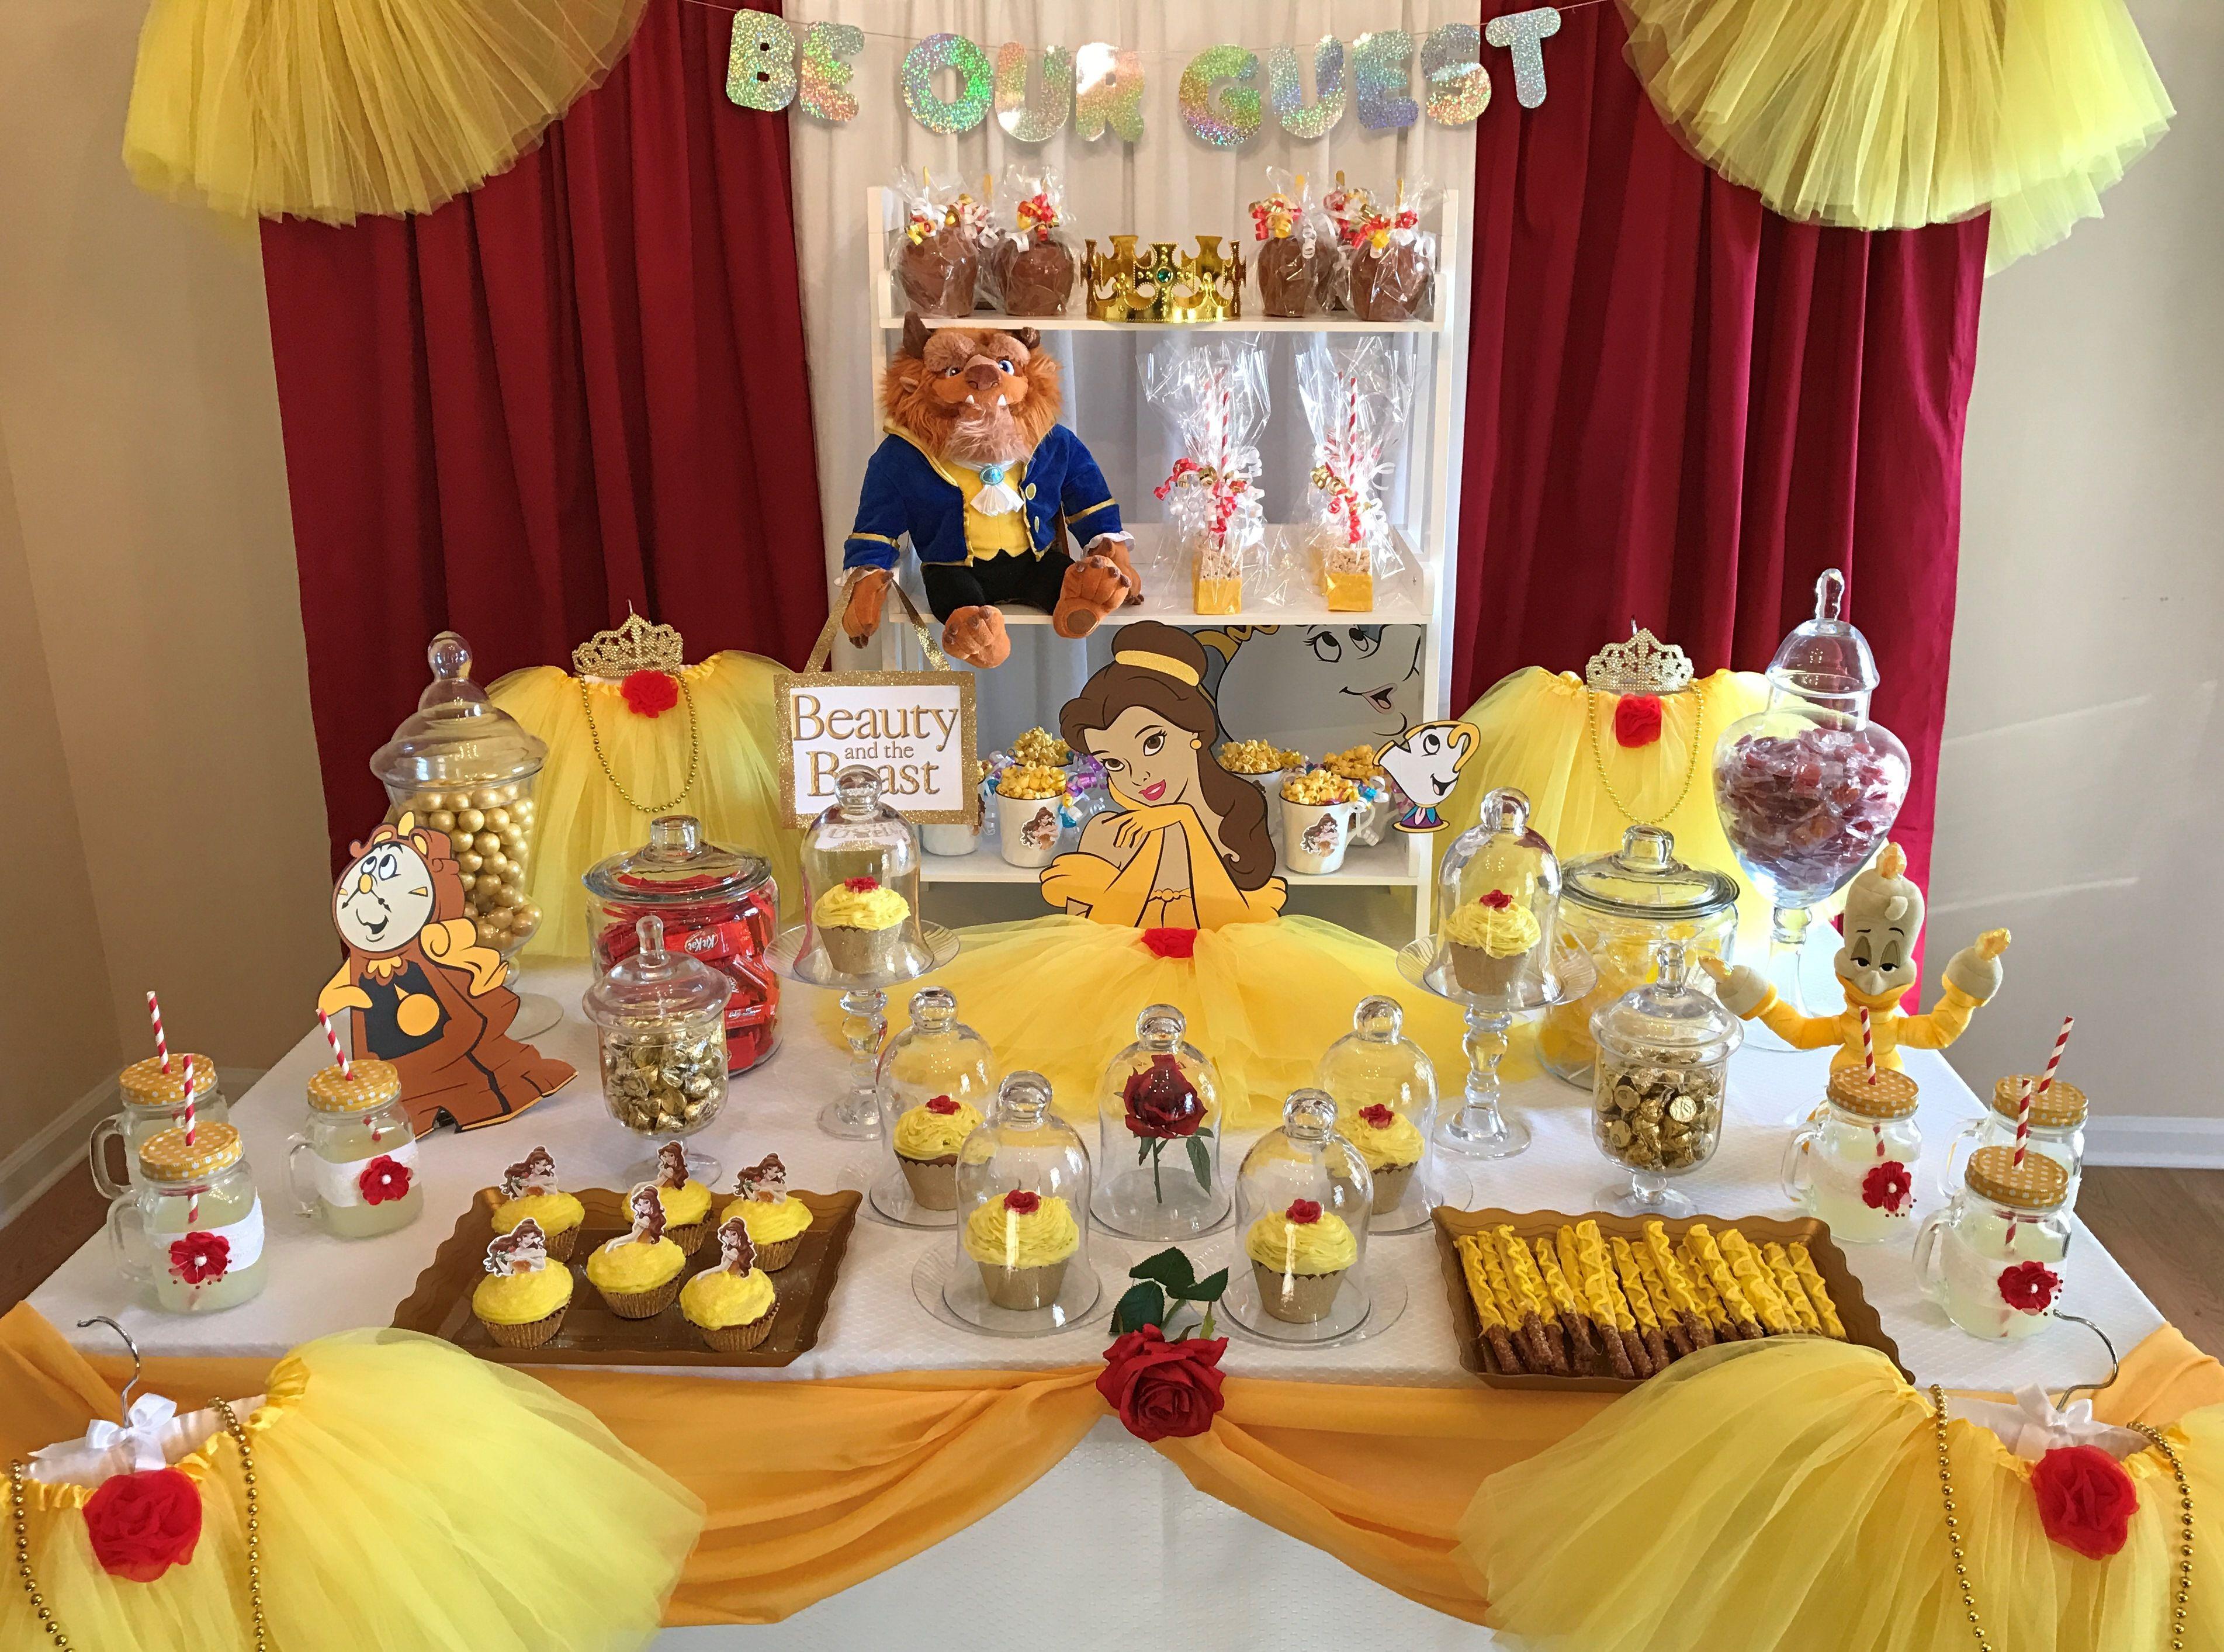 Princess Belle Birthday Party Extravaganza. Princess Party